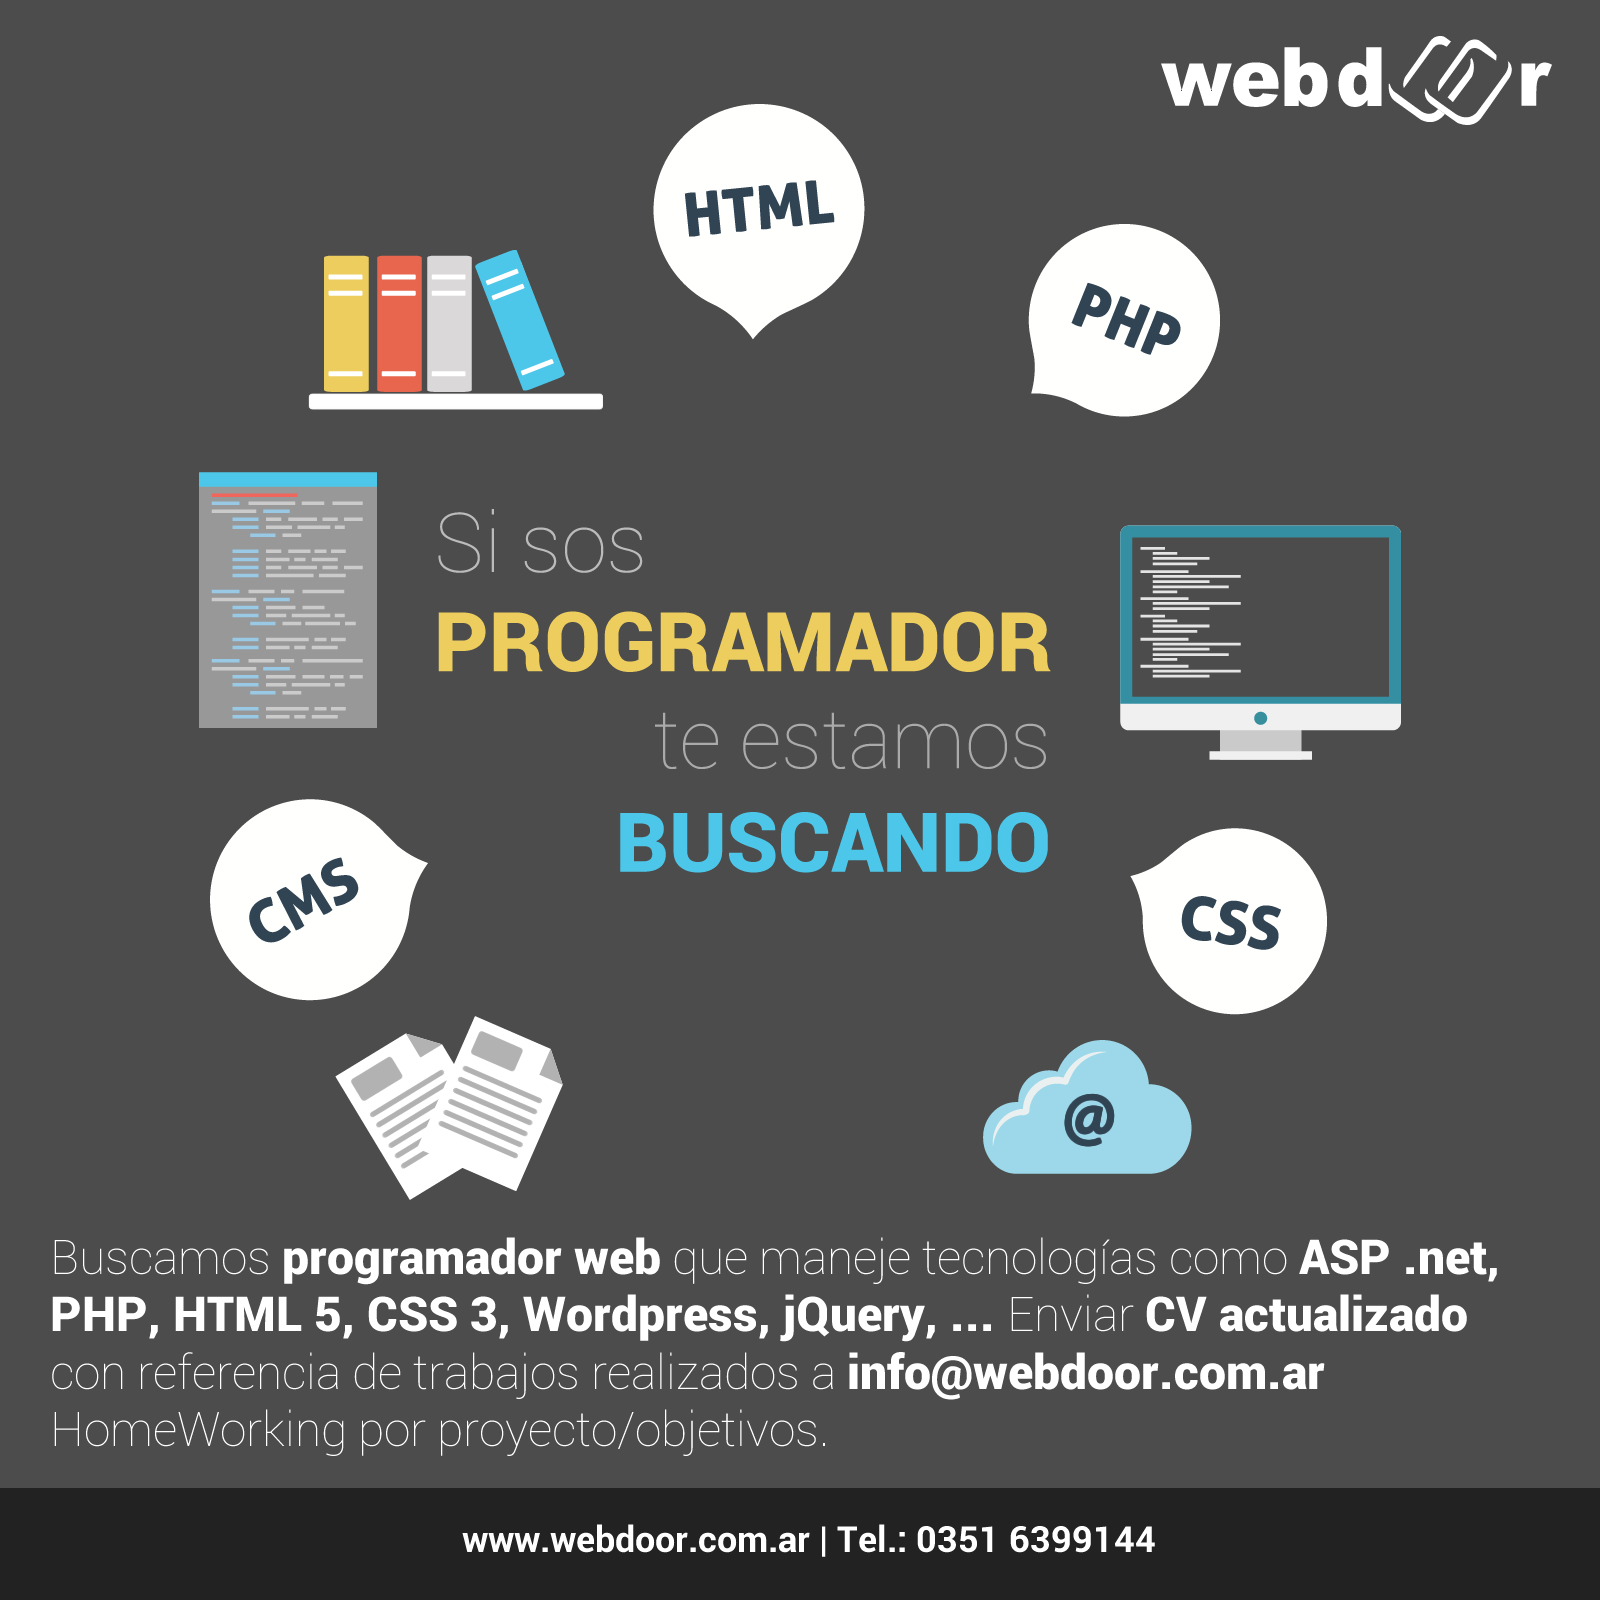 WEBDOOR incorpora programadores web a su staff |